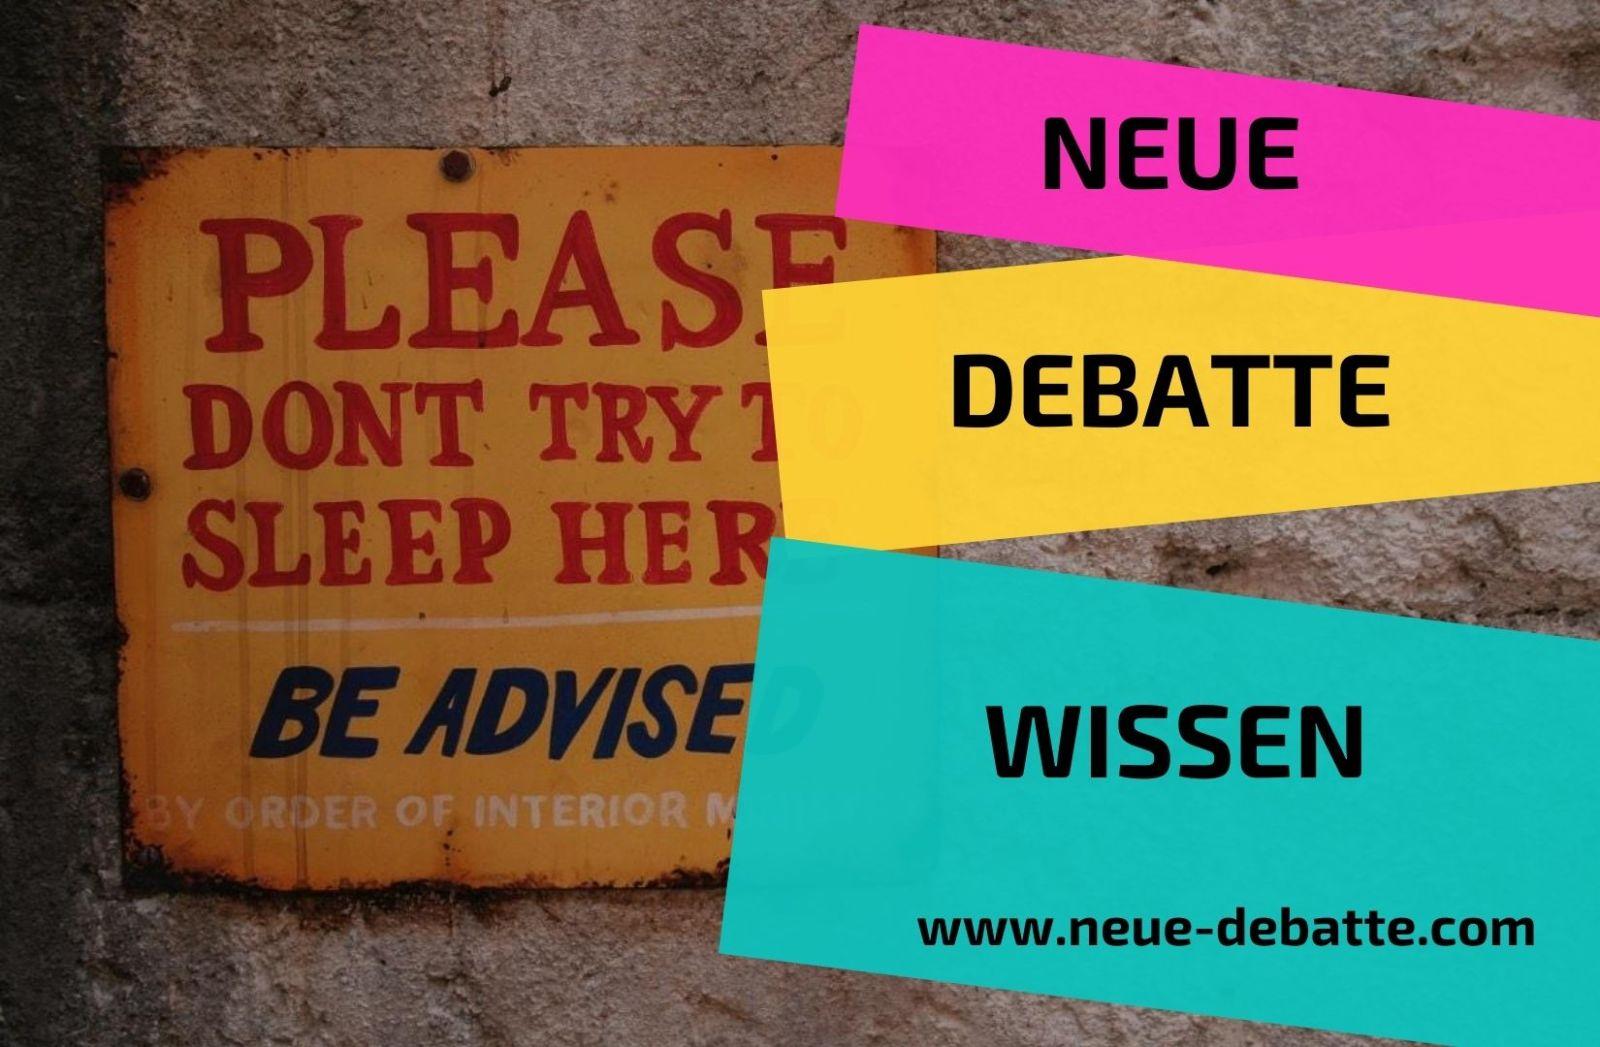 Wissen Neue Debatte